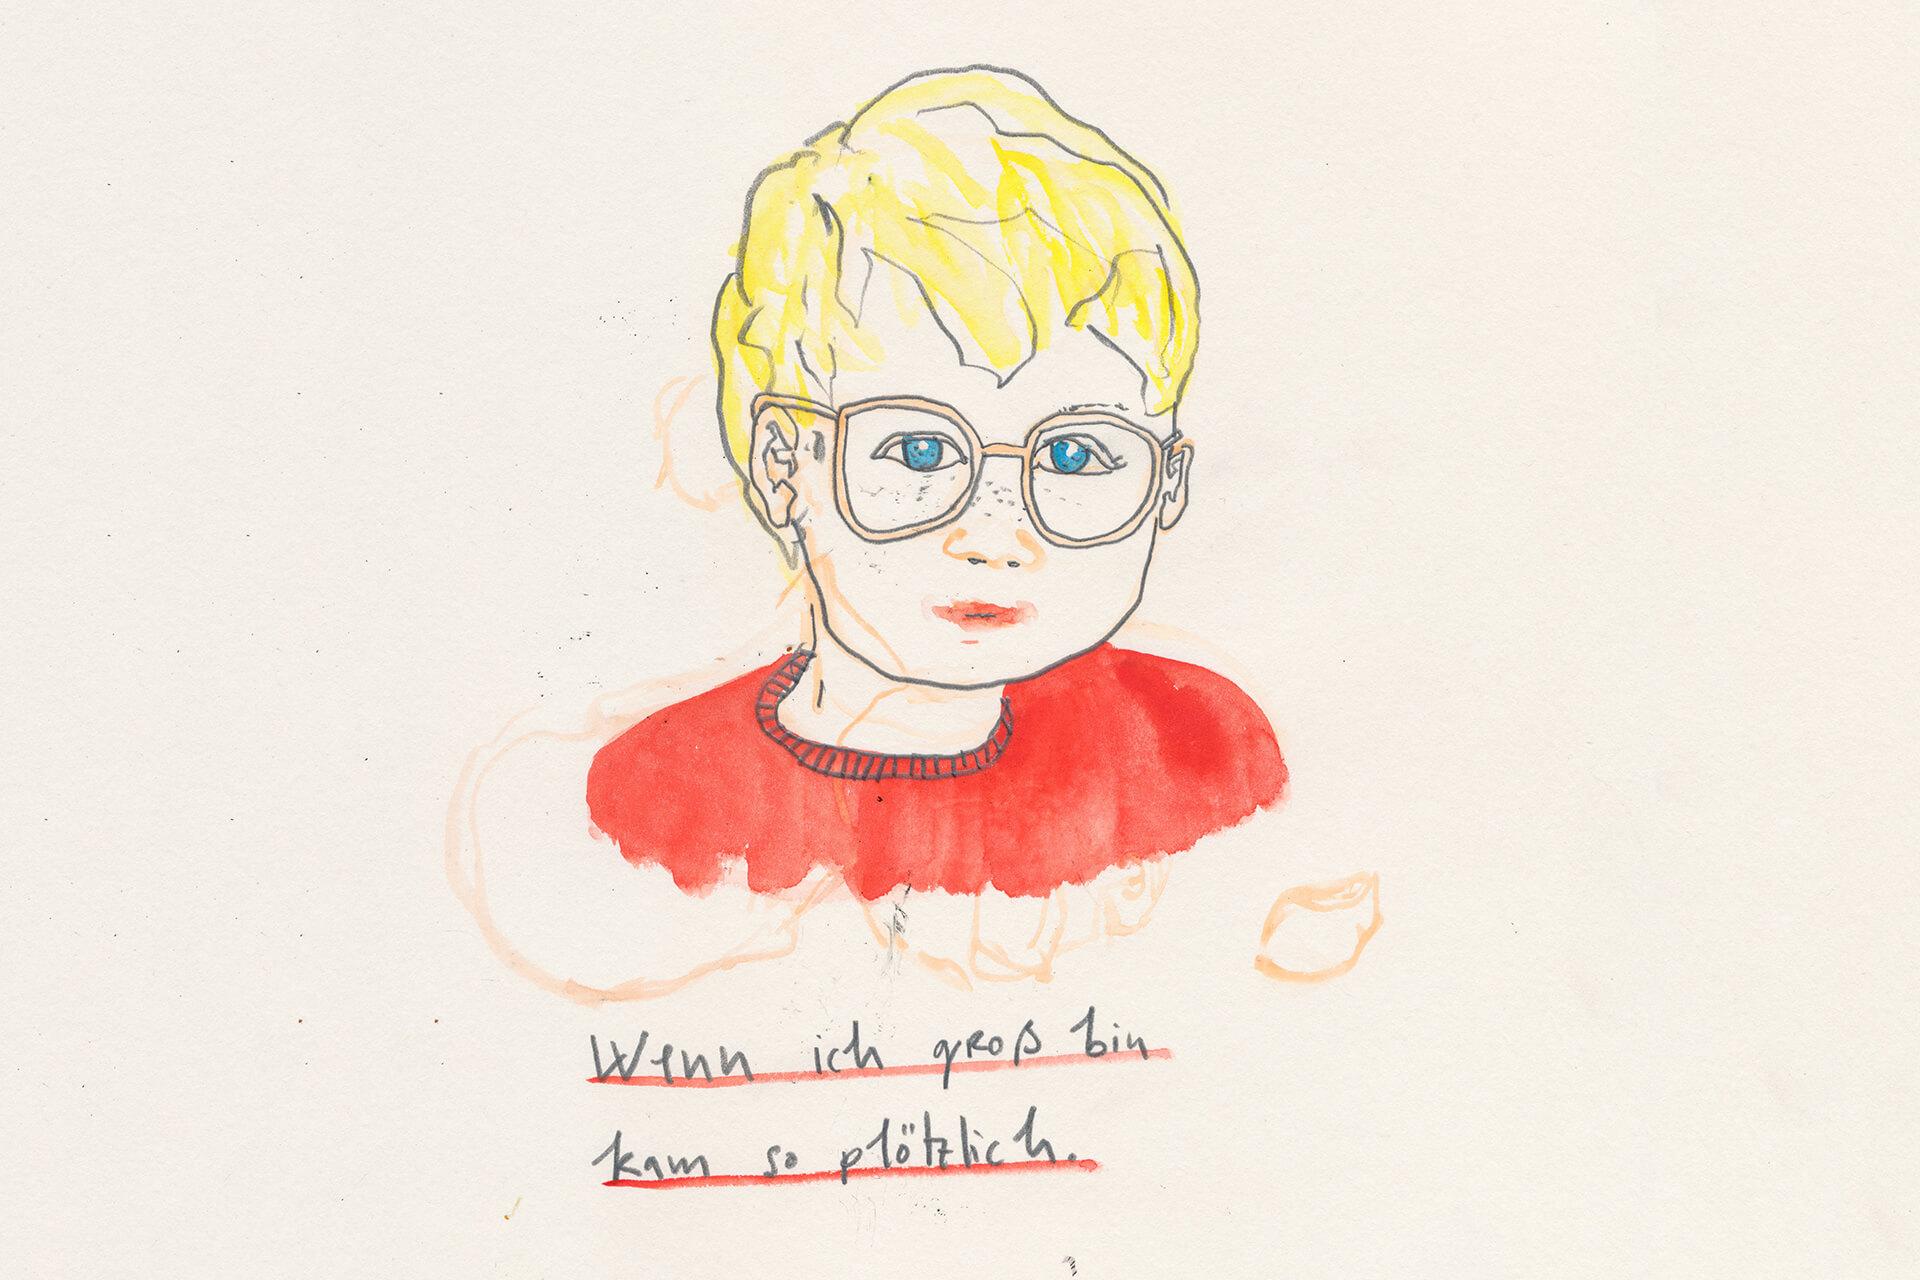 Matrosenhunde Illustration Zeichnung Illustratorin Text Prosa Wochenkalender Zeichnung Illustration Wenn ich groß bin kam so plötzlich